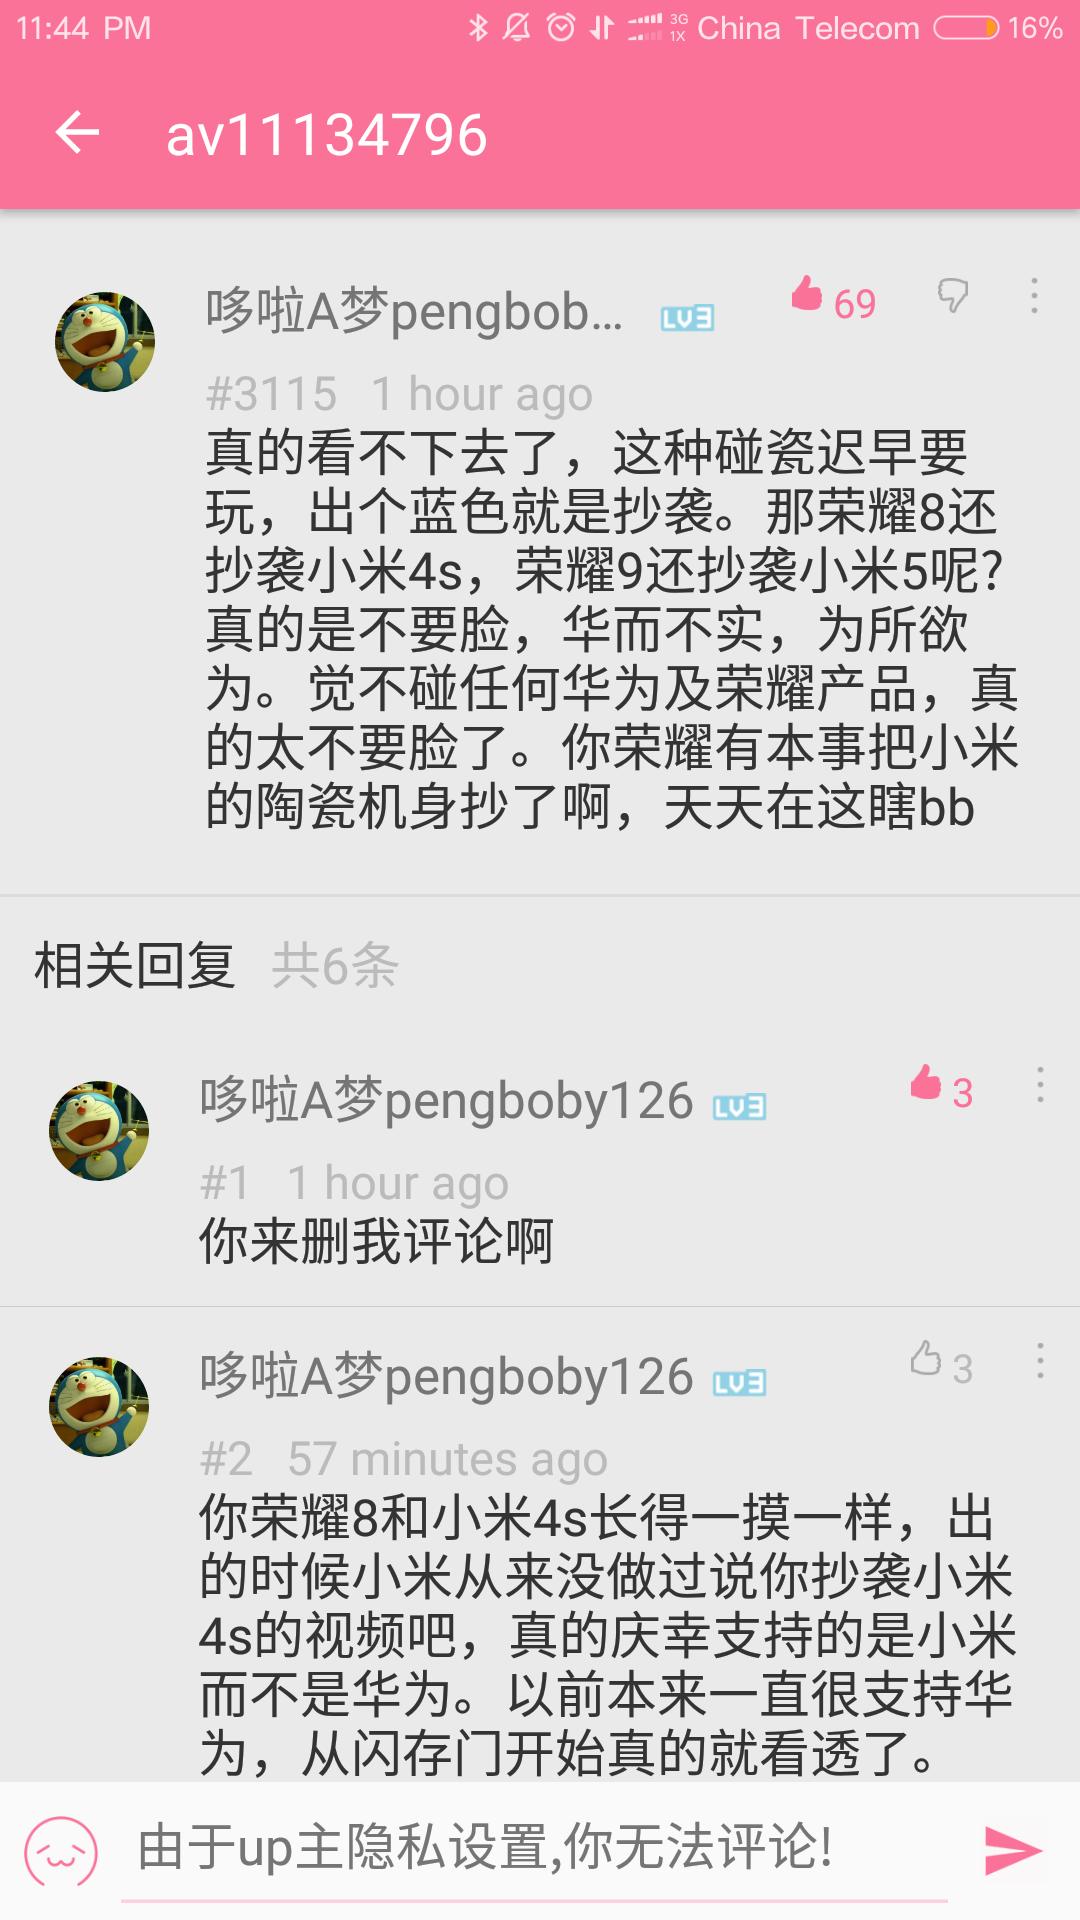 营销哔哩哔哩荣耀华为官方手机苹果评价碰怎样修改手机账号锁屏时间设置图片